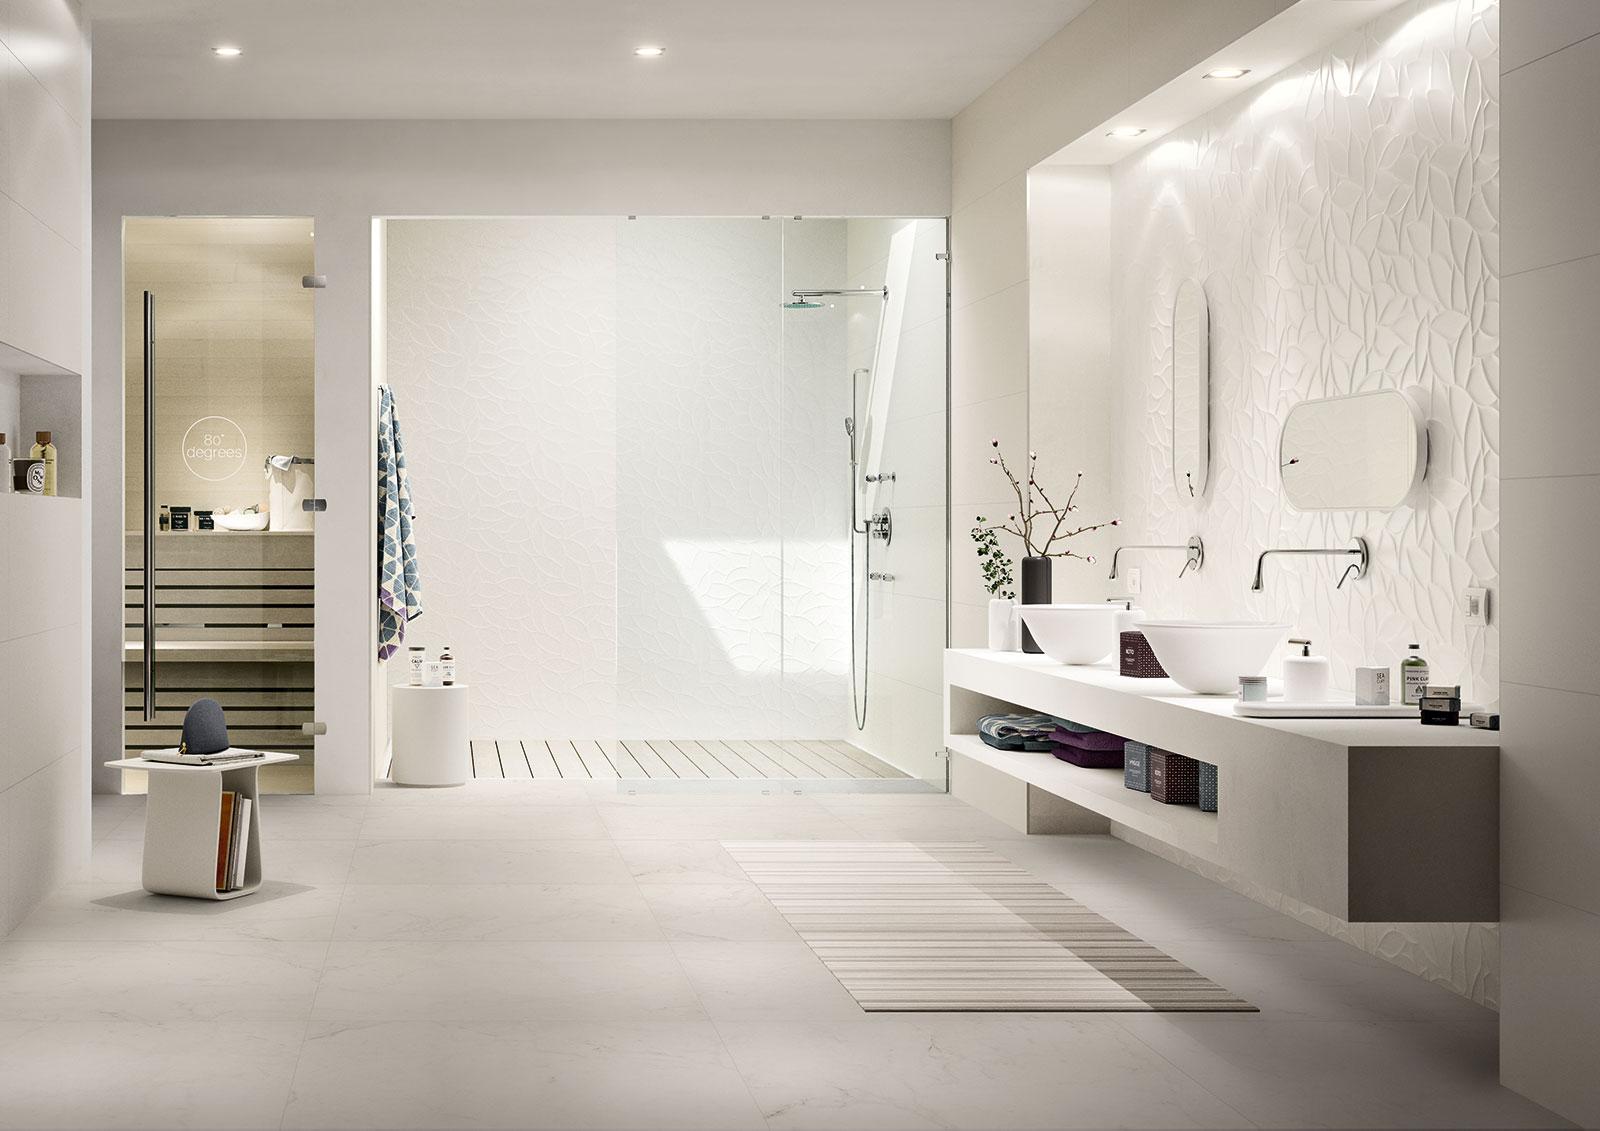 essenziale carrelage blanc pour salle de bain structures 3d marazzi. Black Bedroom Furniture Sets. Home Design Ideas